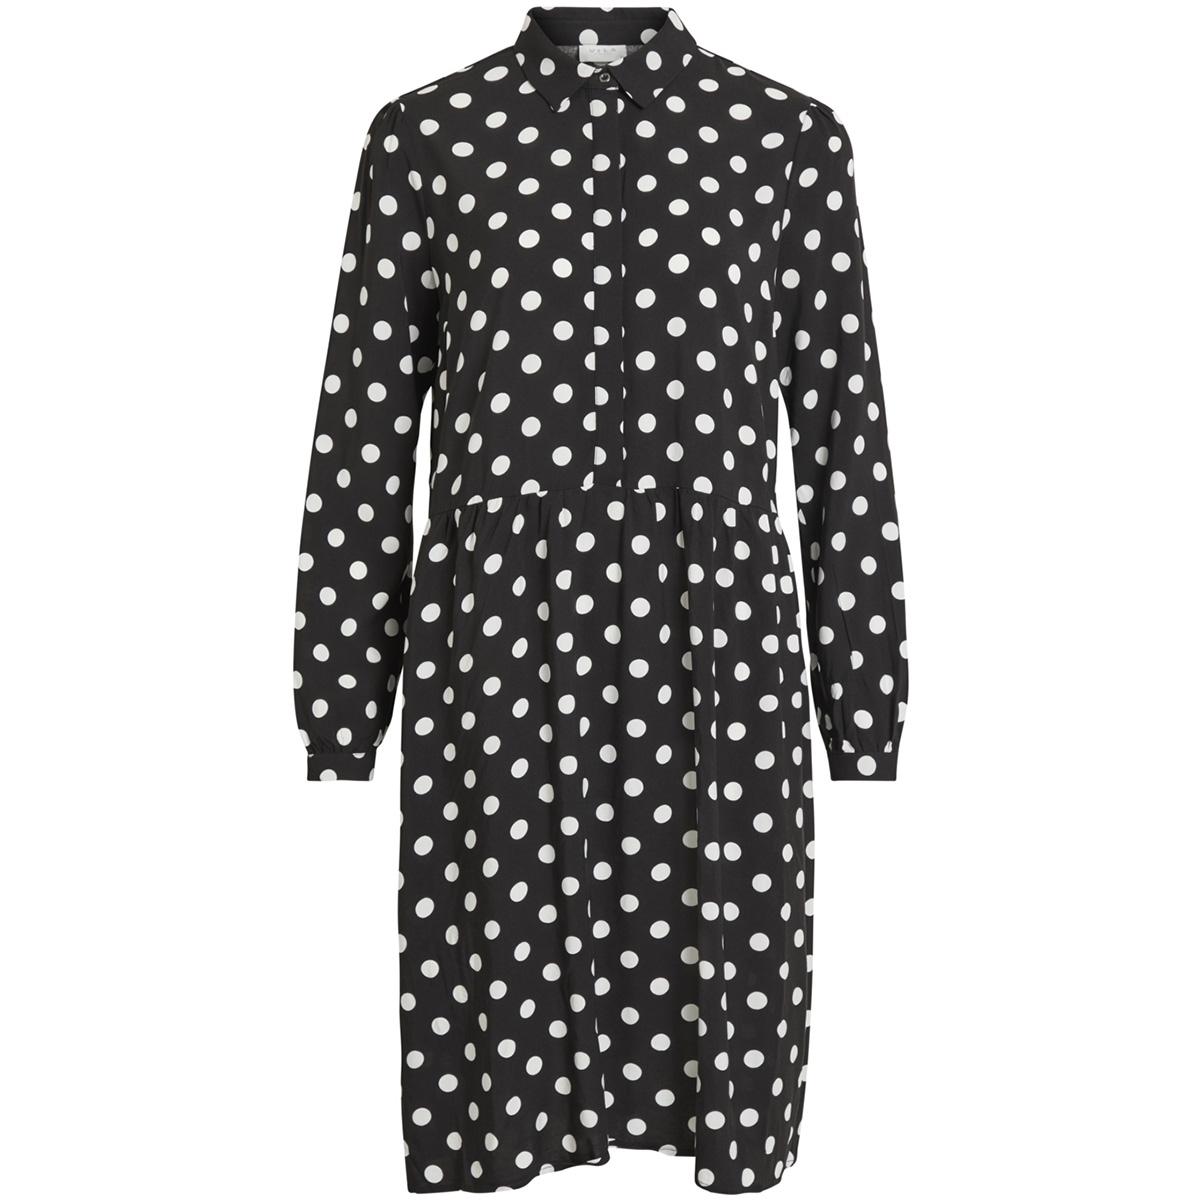 vidotla l/s midi dress 14052702 vila jurk black/ cloud dancer